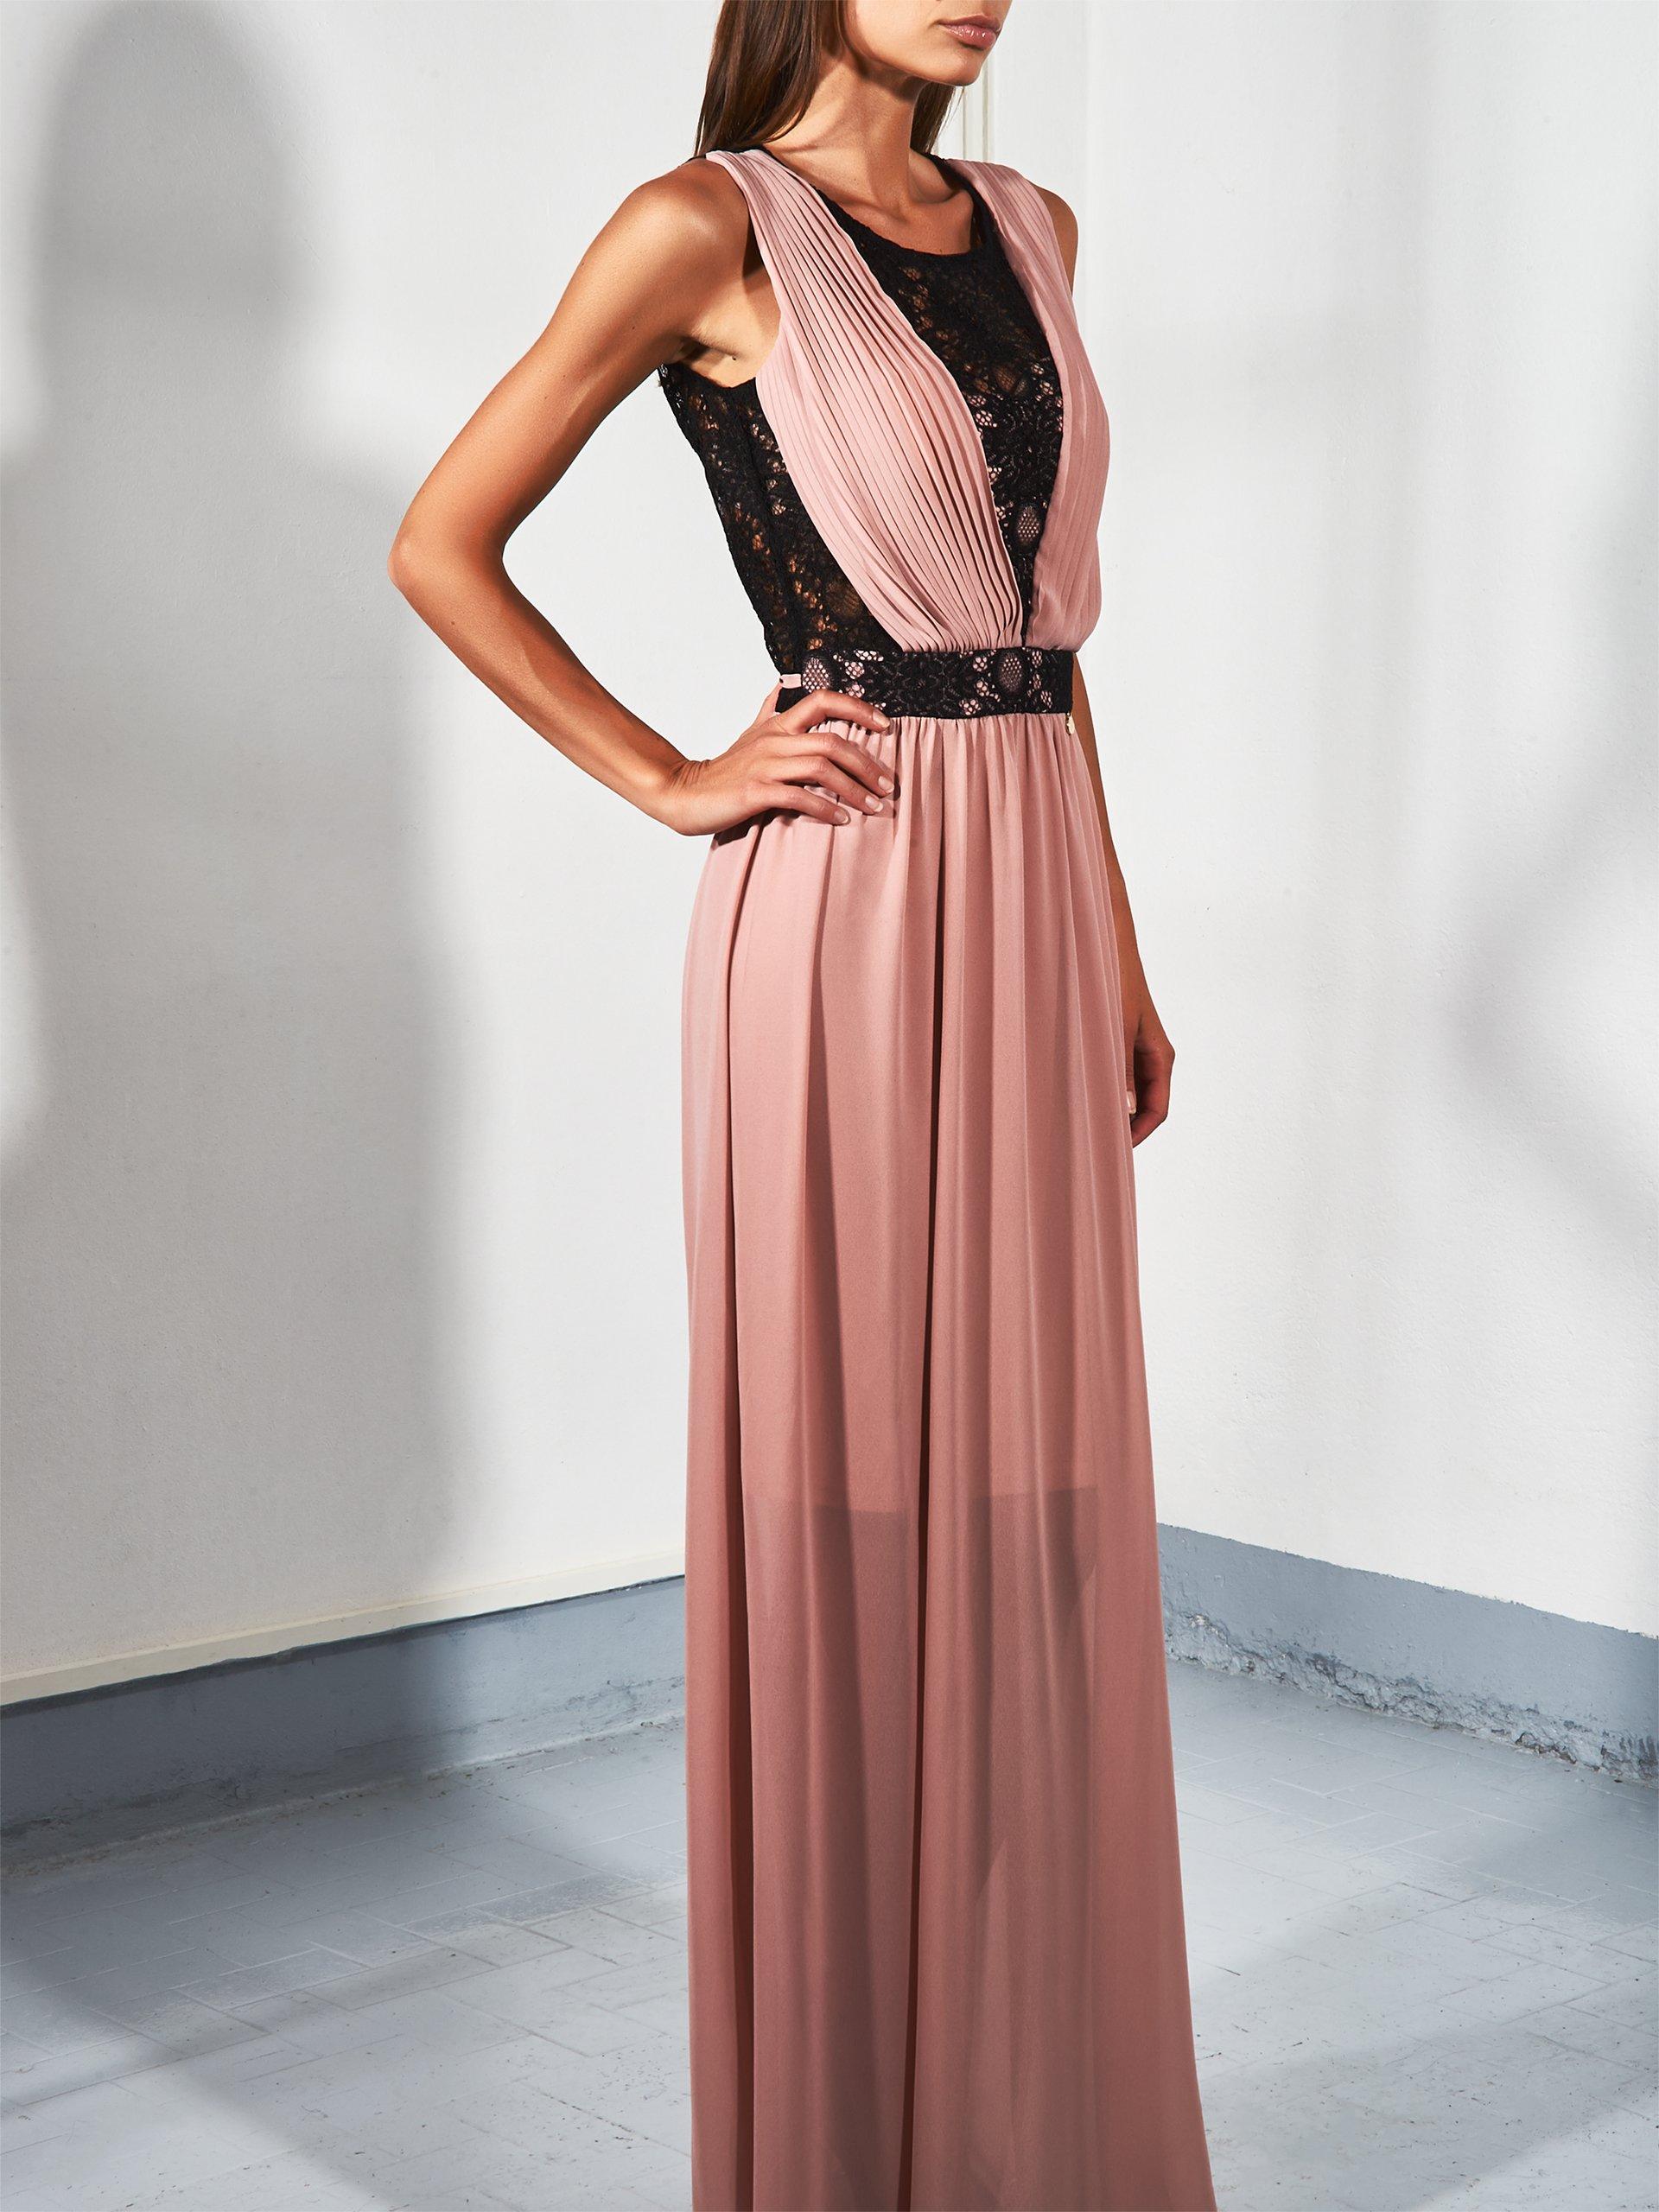 Elegante abito lungo da cerimonia Rinascimento inverno 2018 2019 prezzo 139 euro